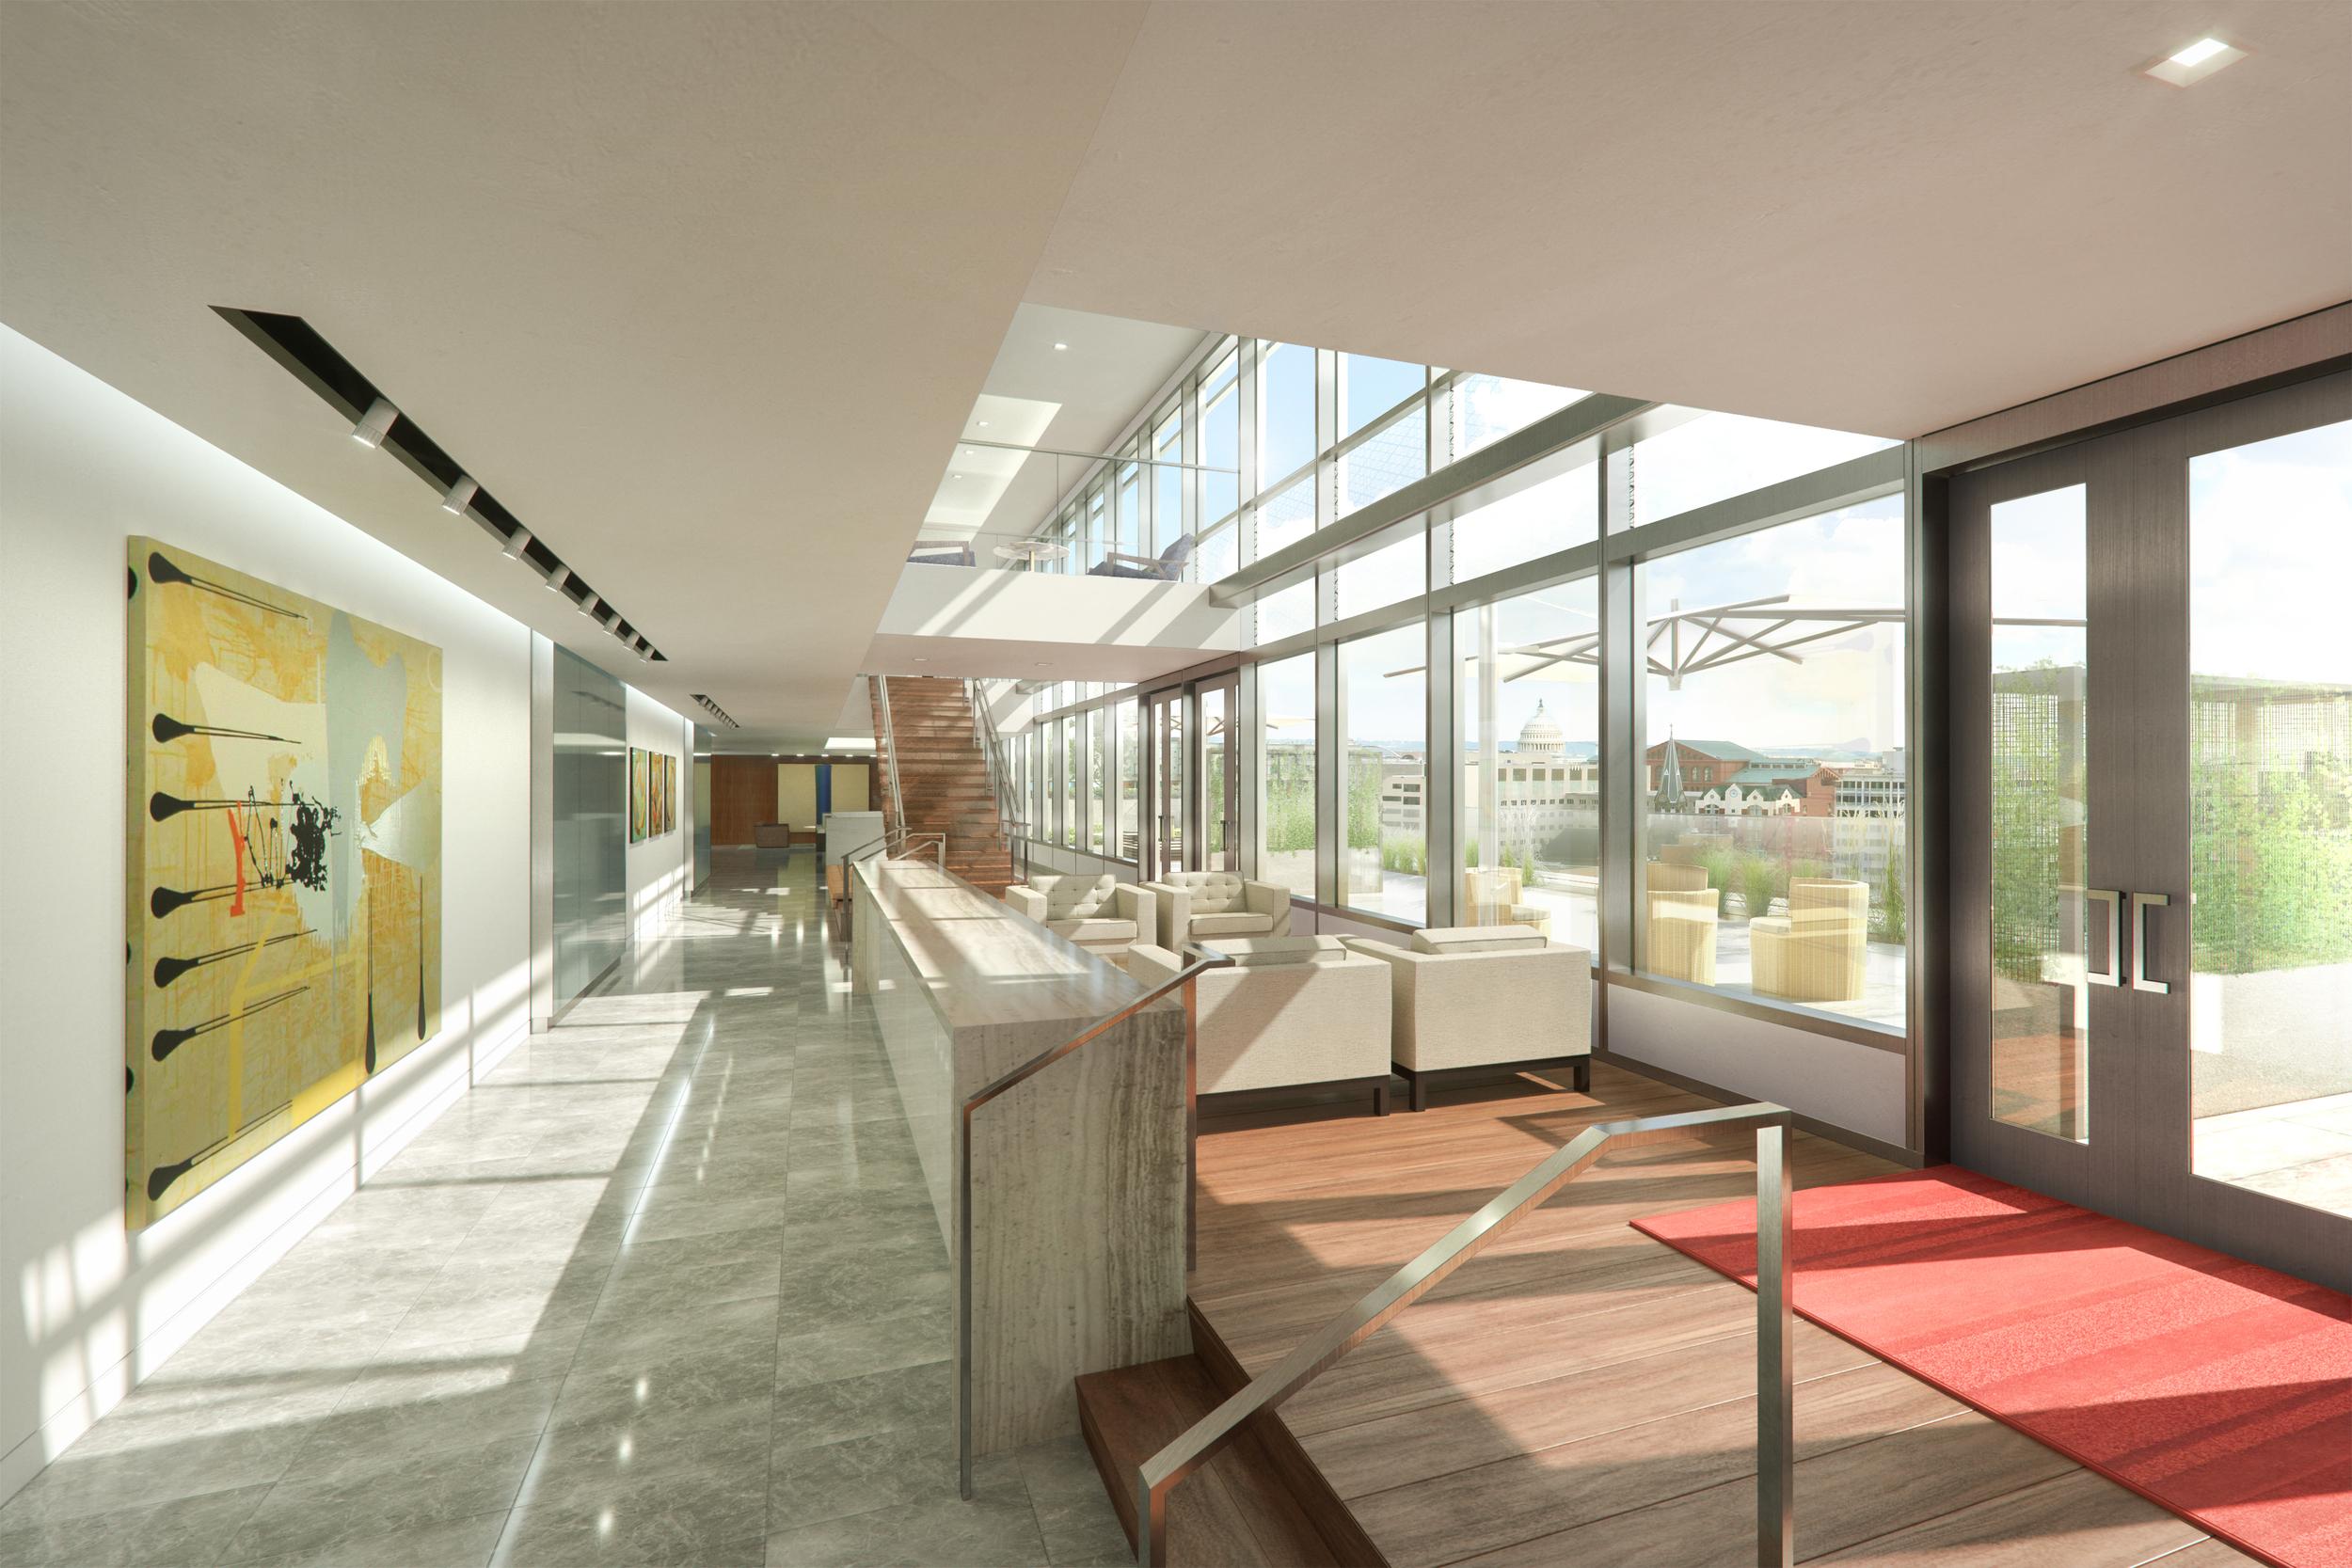 Office Atrium and Roof Deck  Washington, DC |  client: HYL Architecture